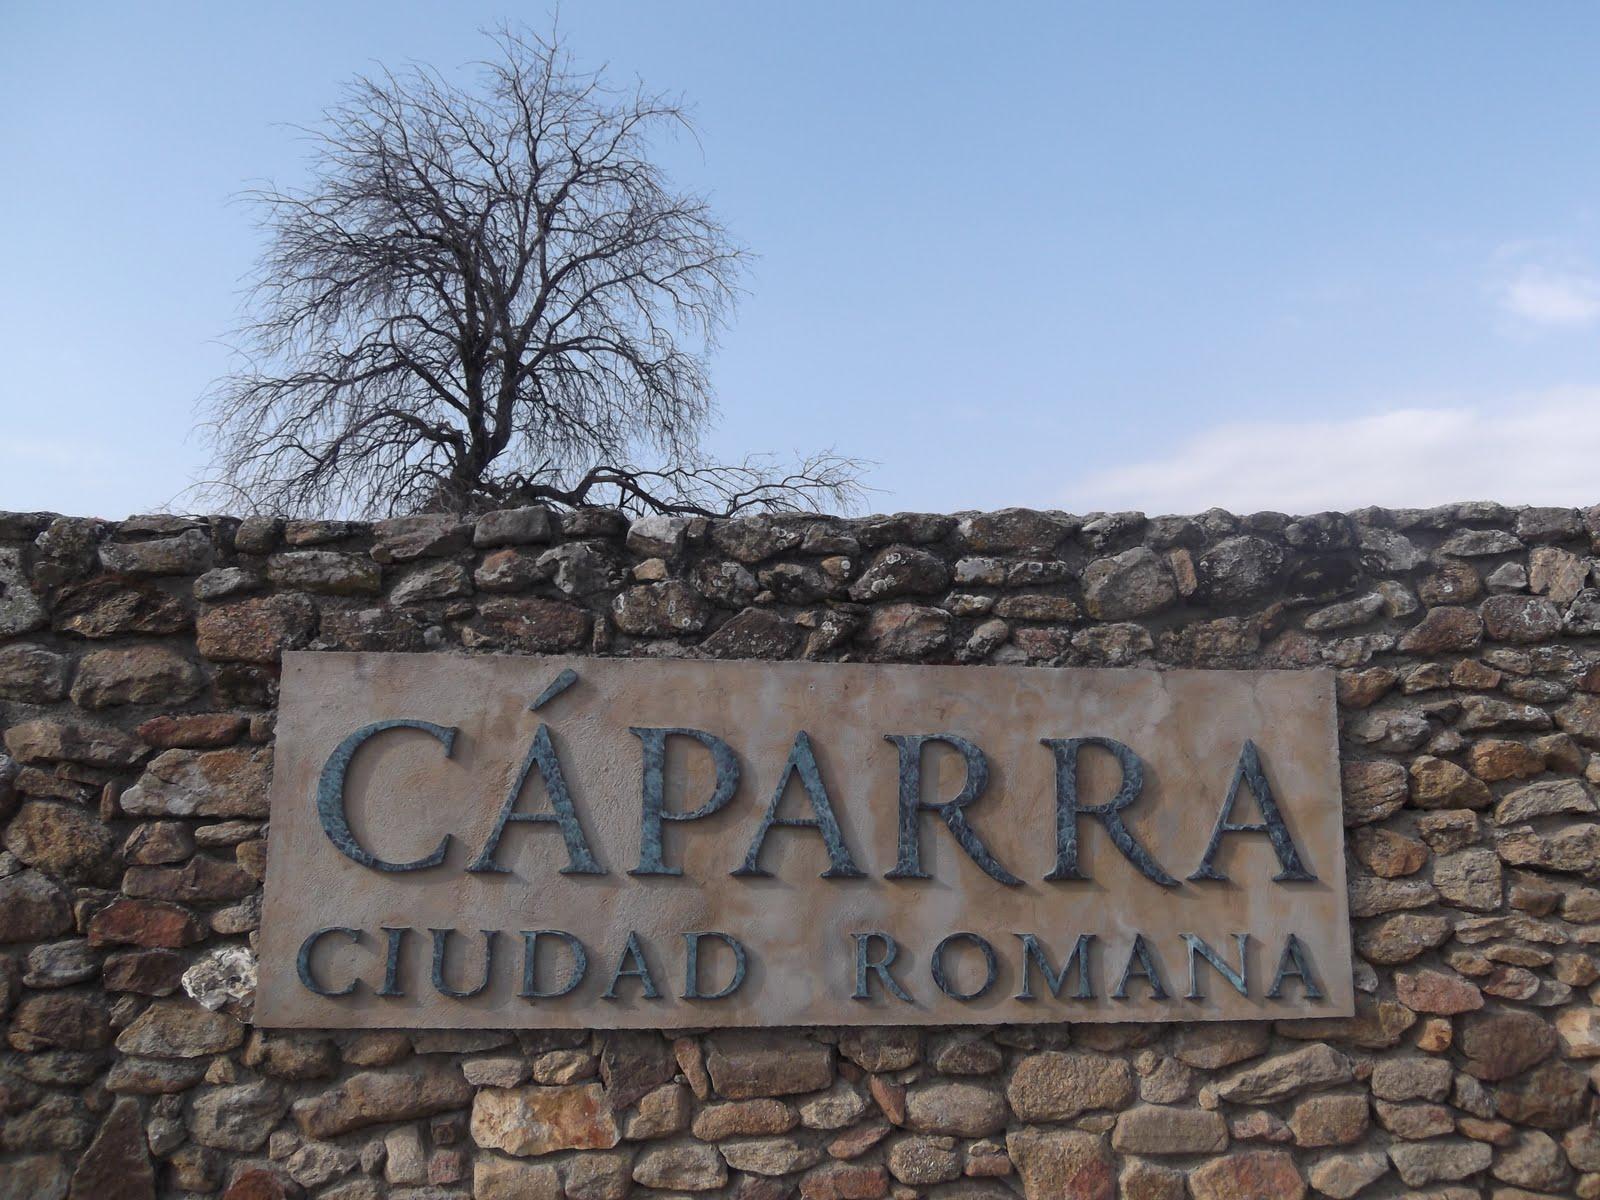 Centro de Interpretacion de la Ciudad Romana de Cáparra